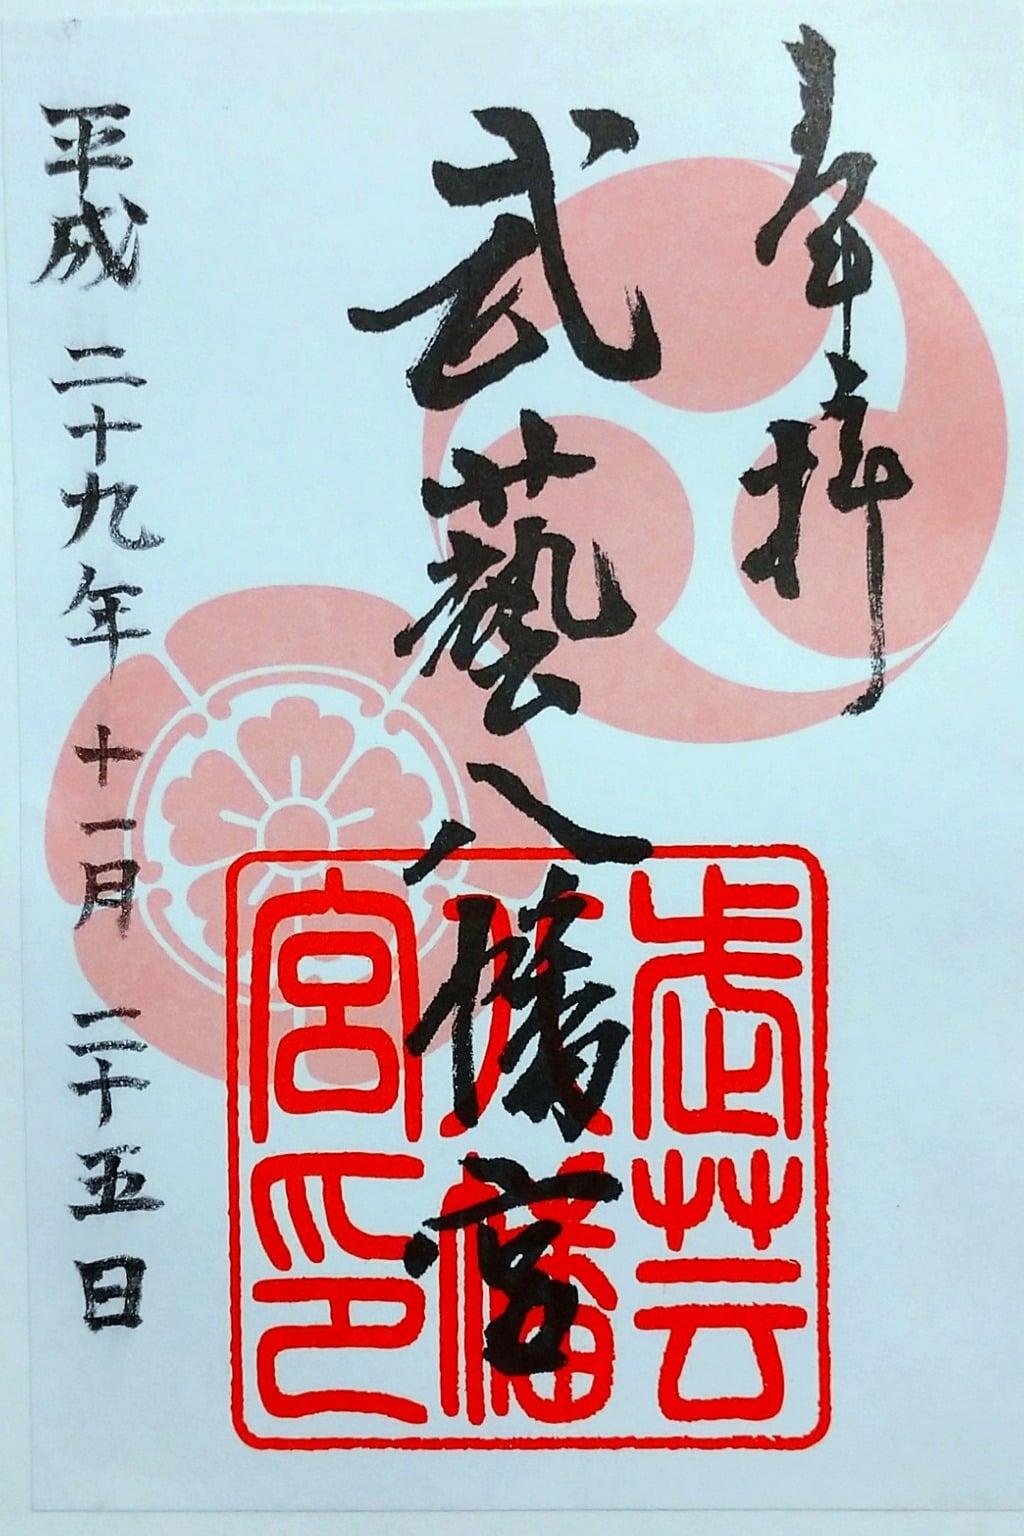 八幡神社(武芸八幡宮)の御朱印